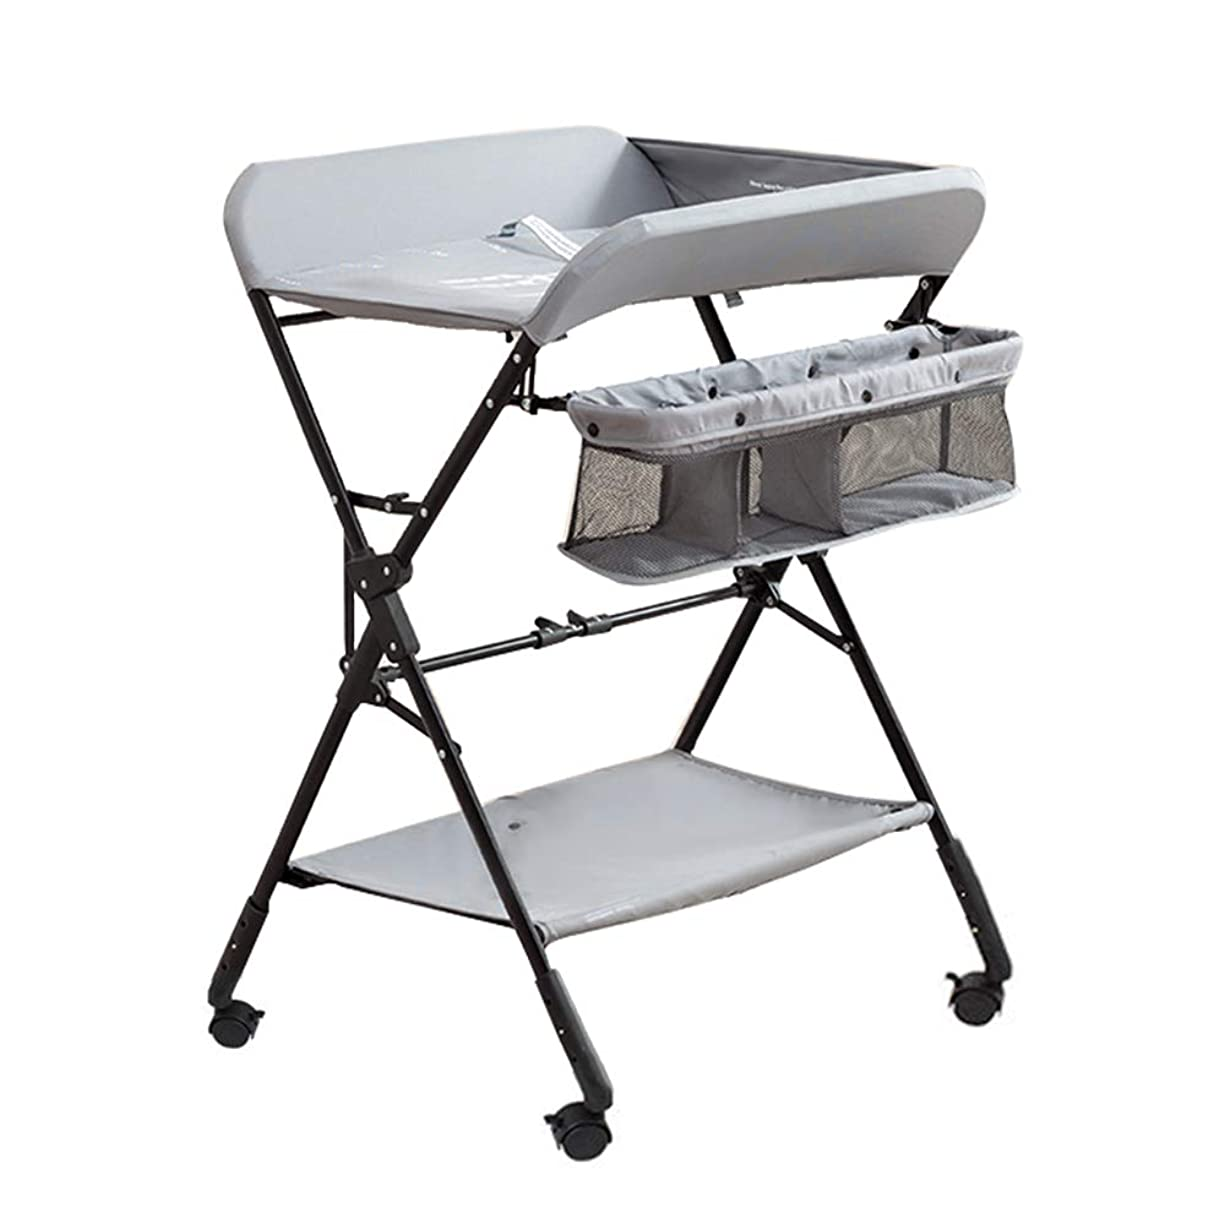 操作発明するコスチューム(Newox) オムツ替え オムツ交換台 おむつ取替テーブル 折りたたみ可能 高さ調節可能 キャスター付き オムツ交換 ベビーベッド 育児用 0~36ヶ月 (グレー)